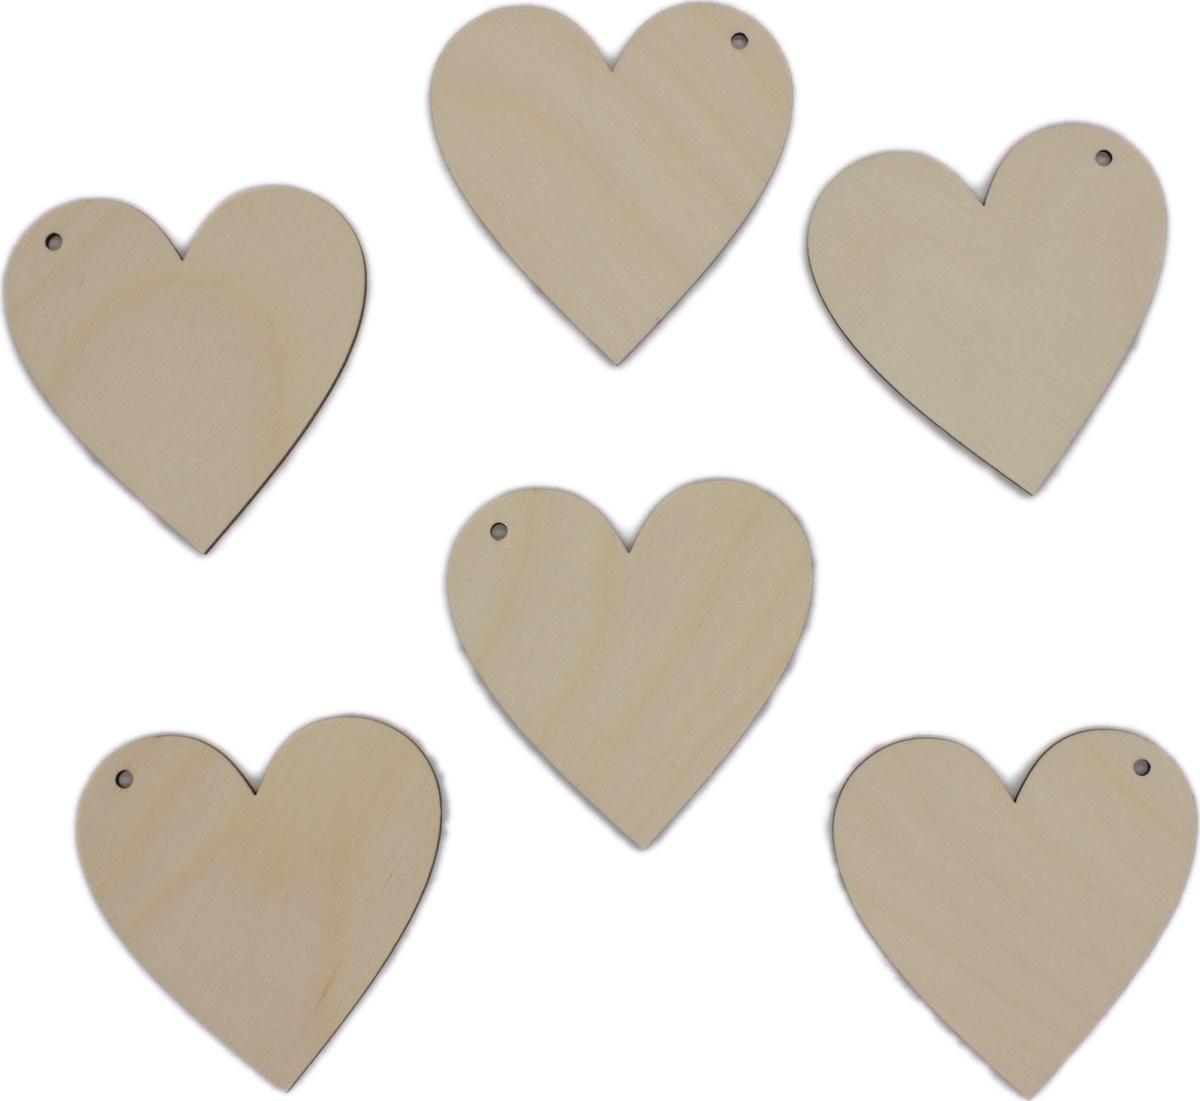 Заготовка (6шт) RiForm сердце 7см с отверстием. #1